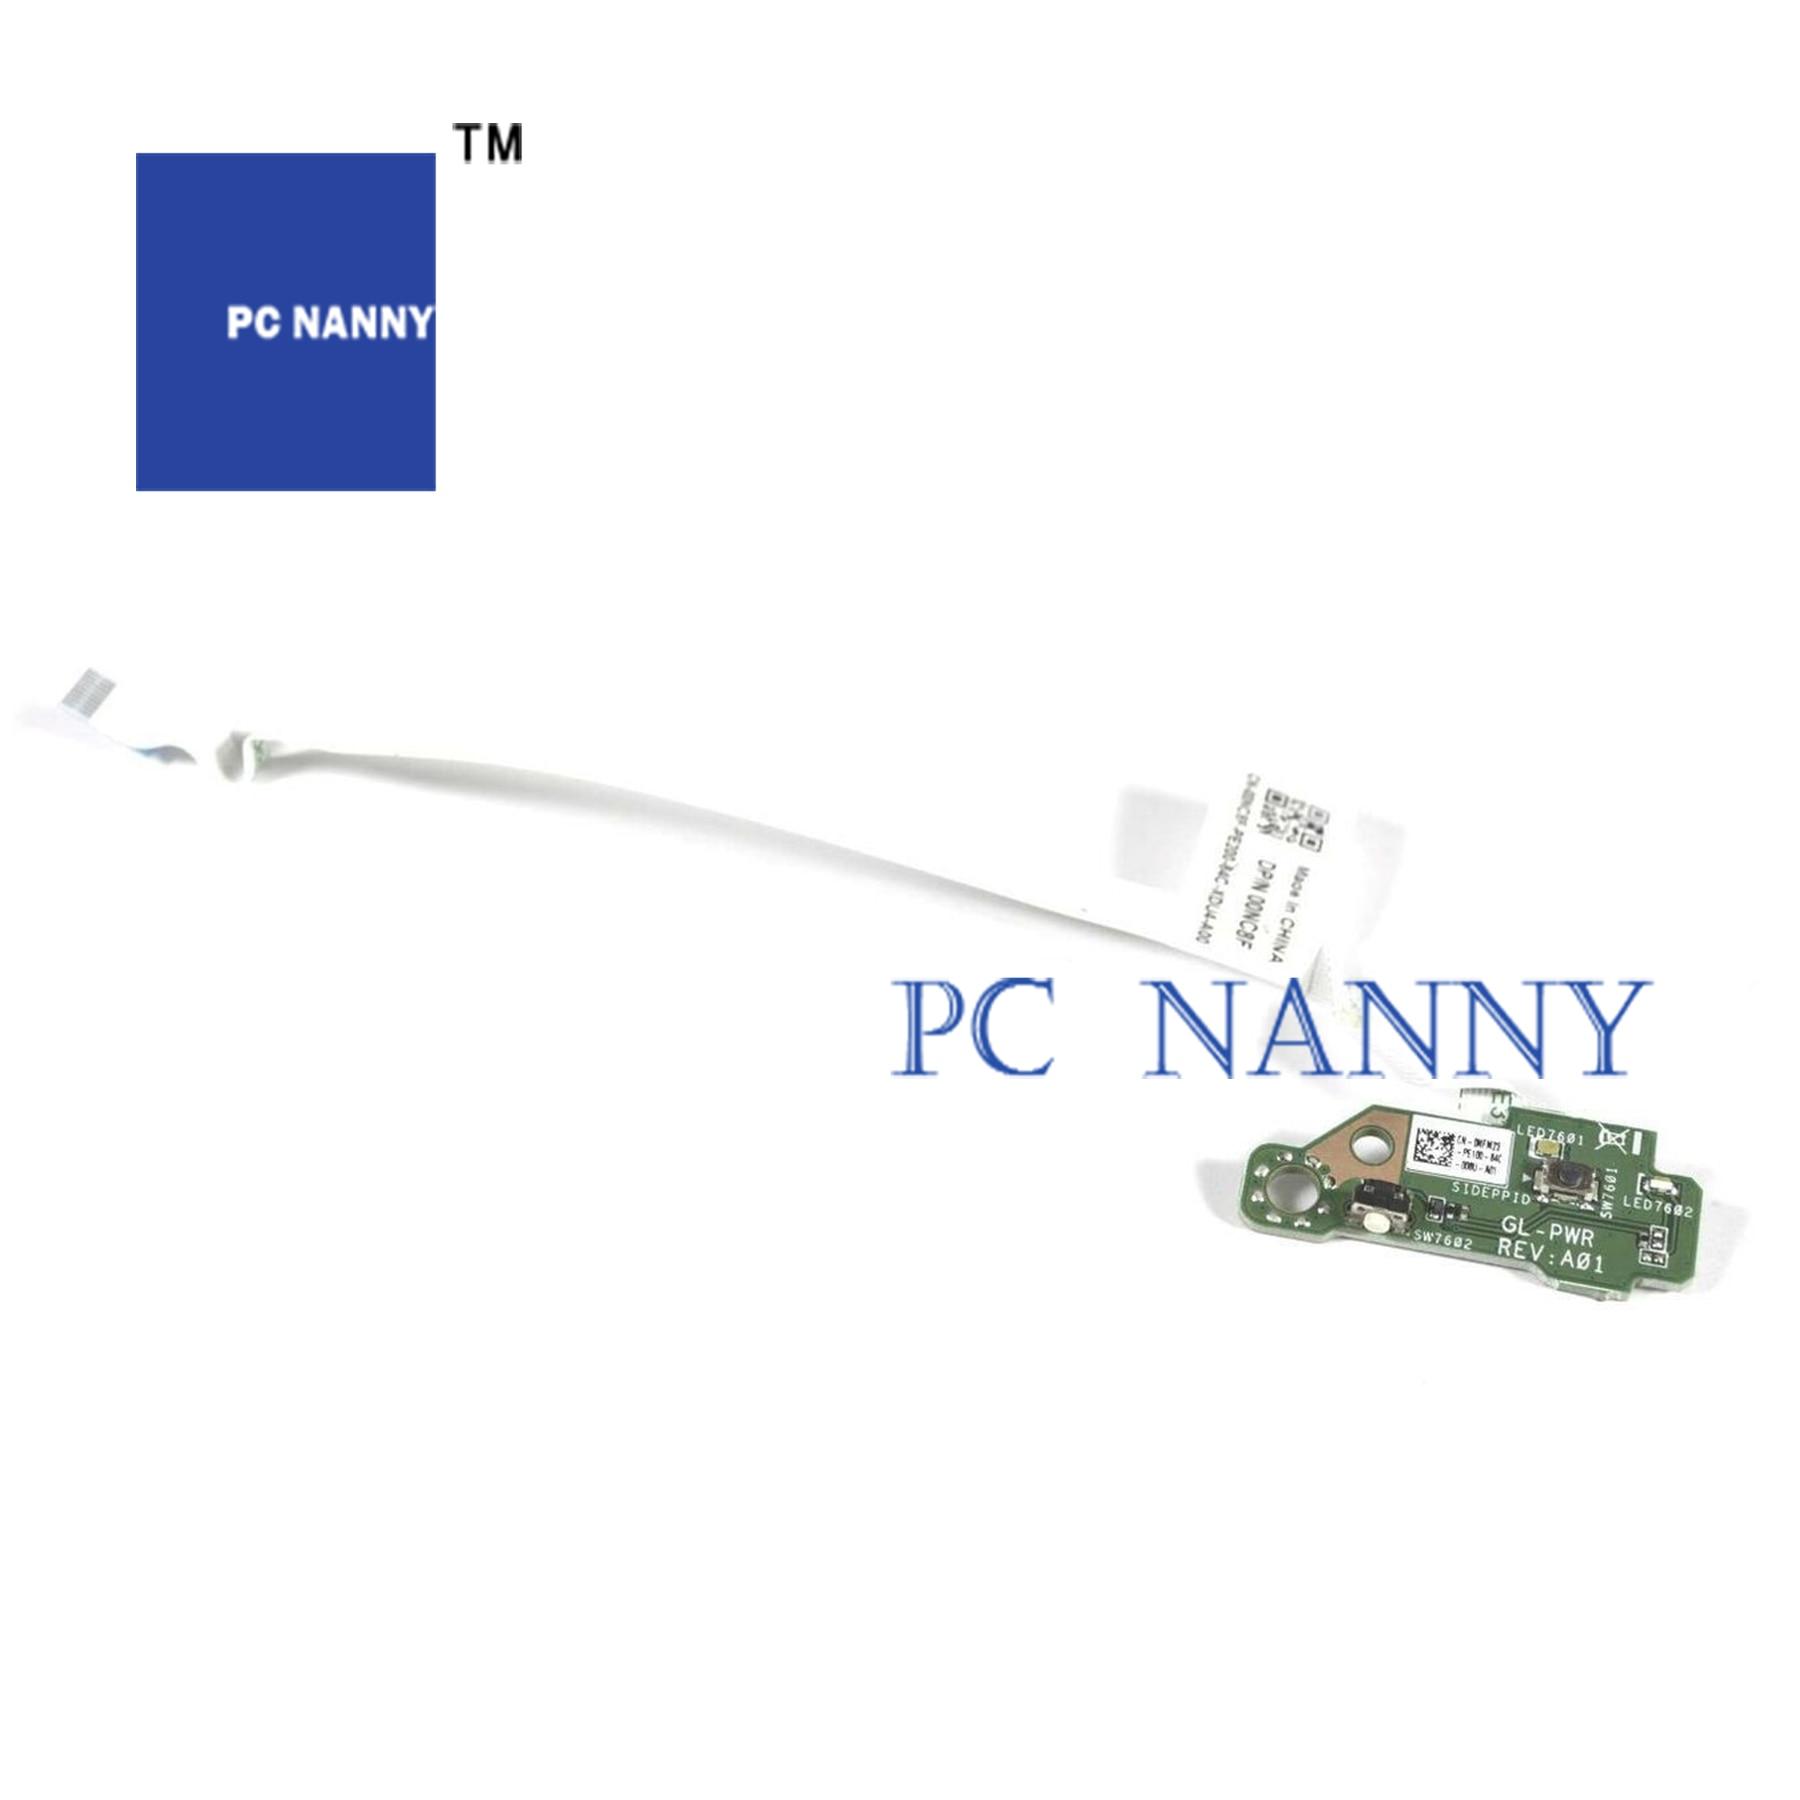 PCNANNY لديل انسبايرون 5477 جميع في واحد الطاقة زر مجلس 0NFM23 المتحدثون 0M0VF7